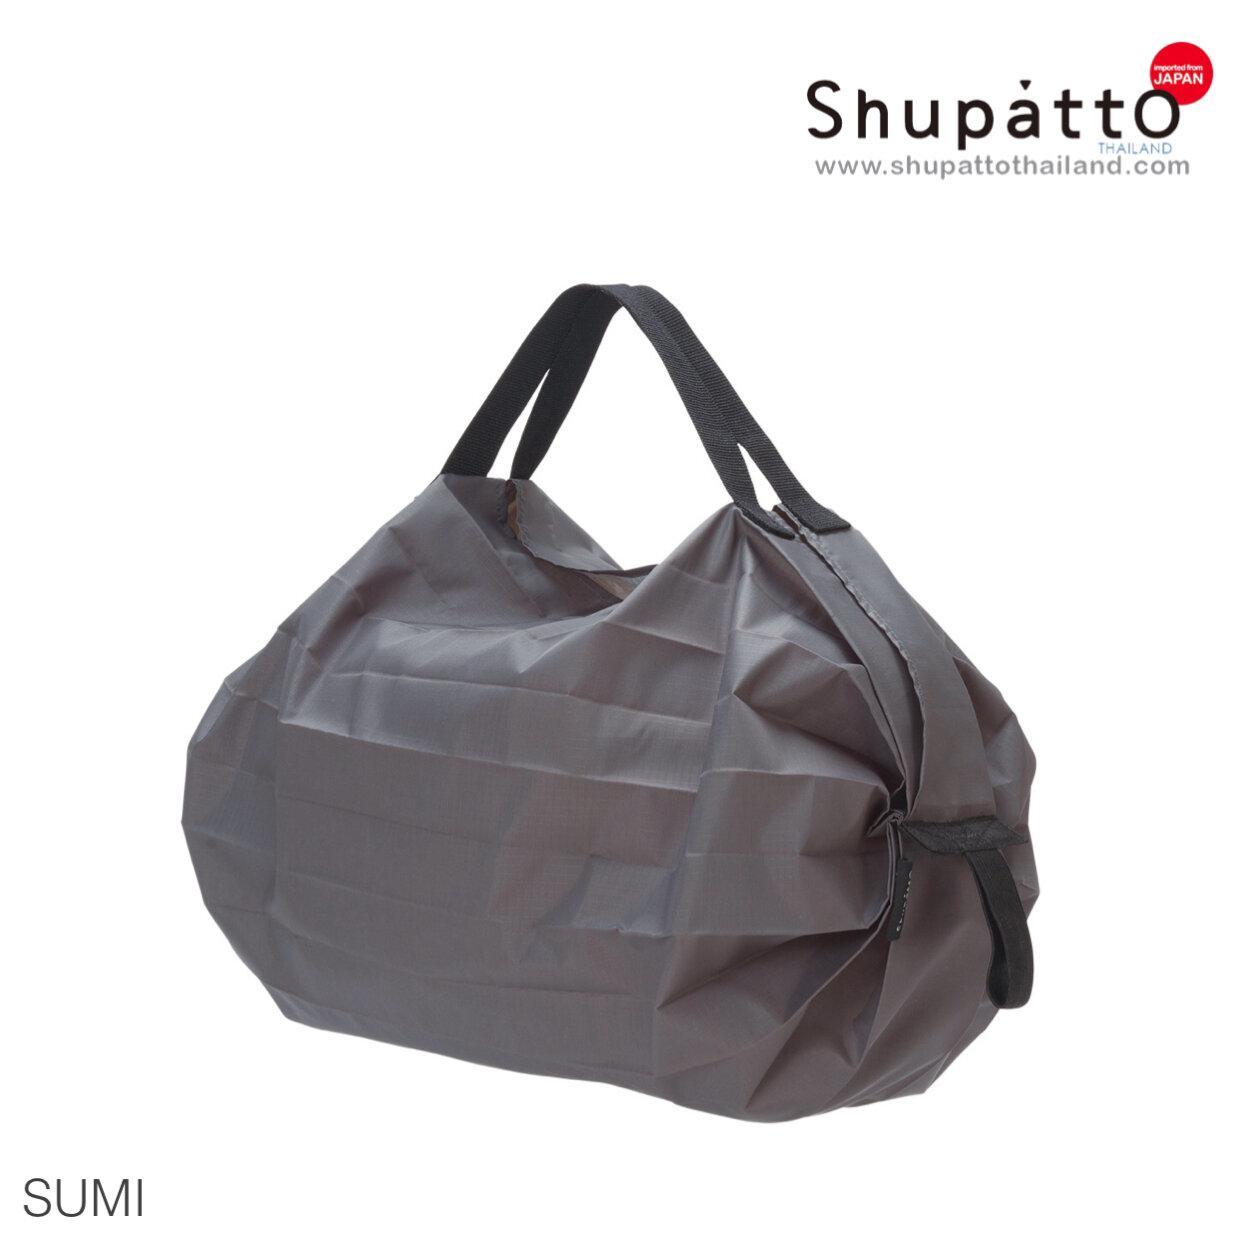 Shupatto Compact Bag - Tote Small - Sumi - gray